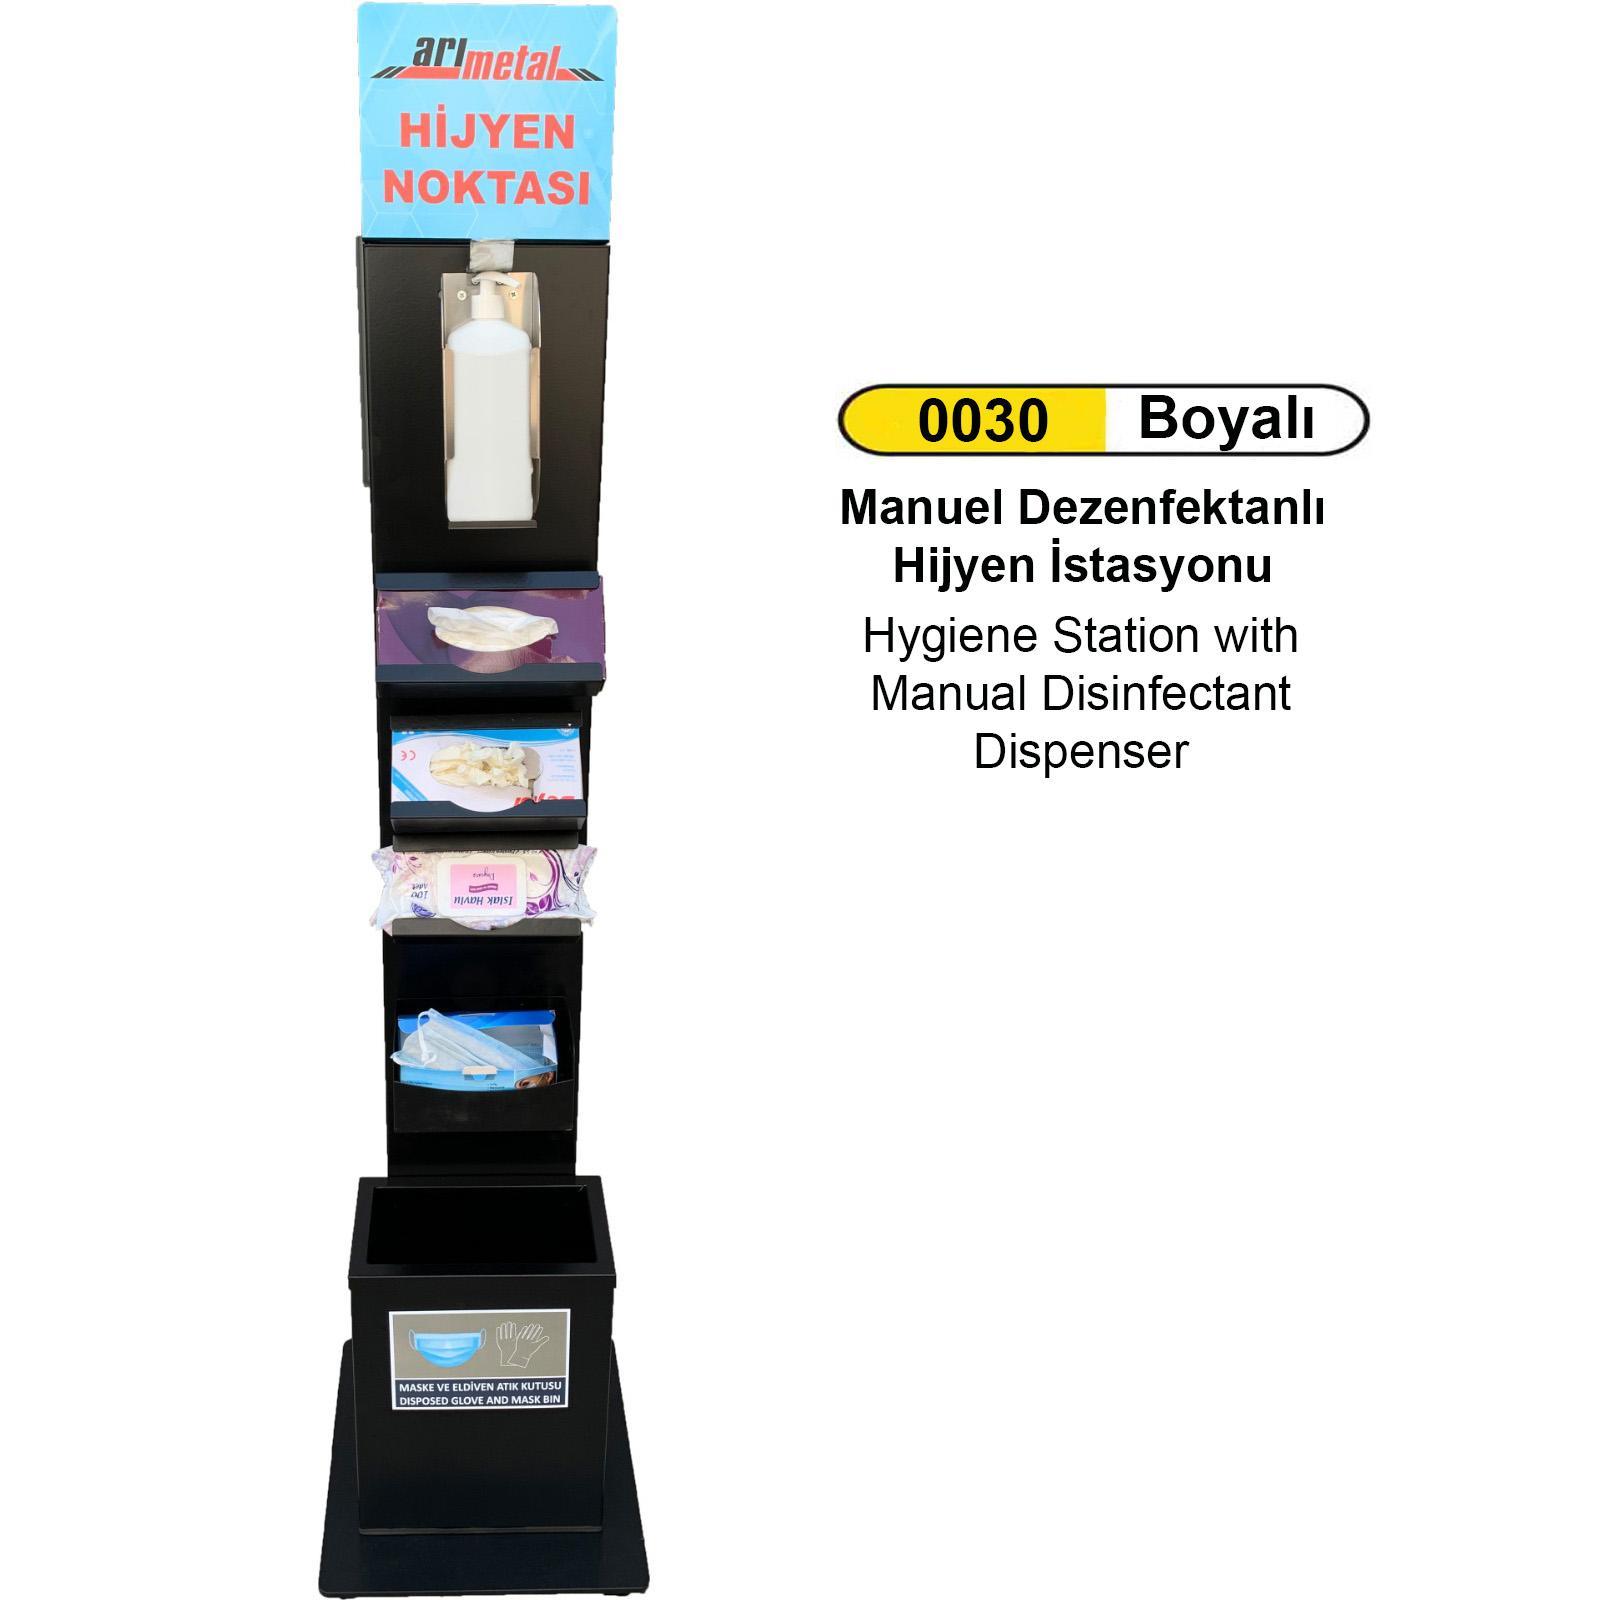 0030 Manuel Dezenfektanlıklı Hijyen İstasyonu